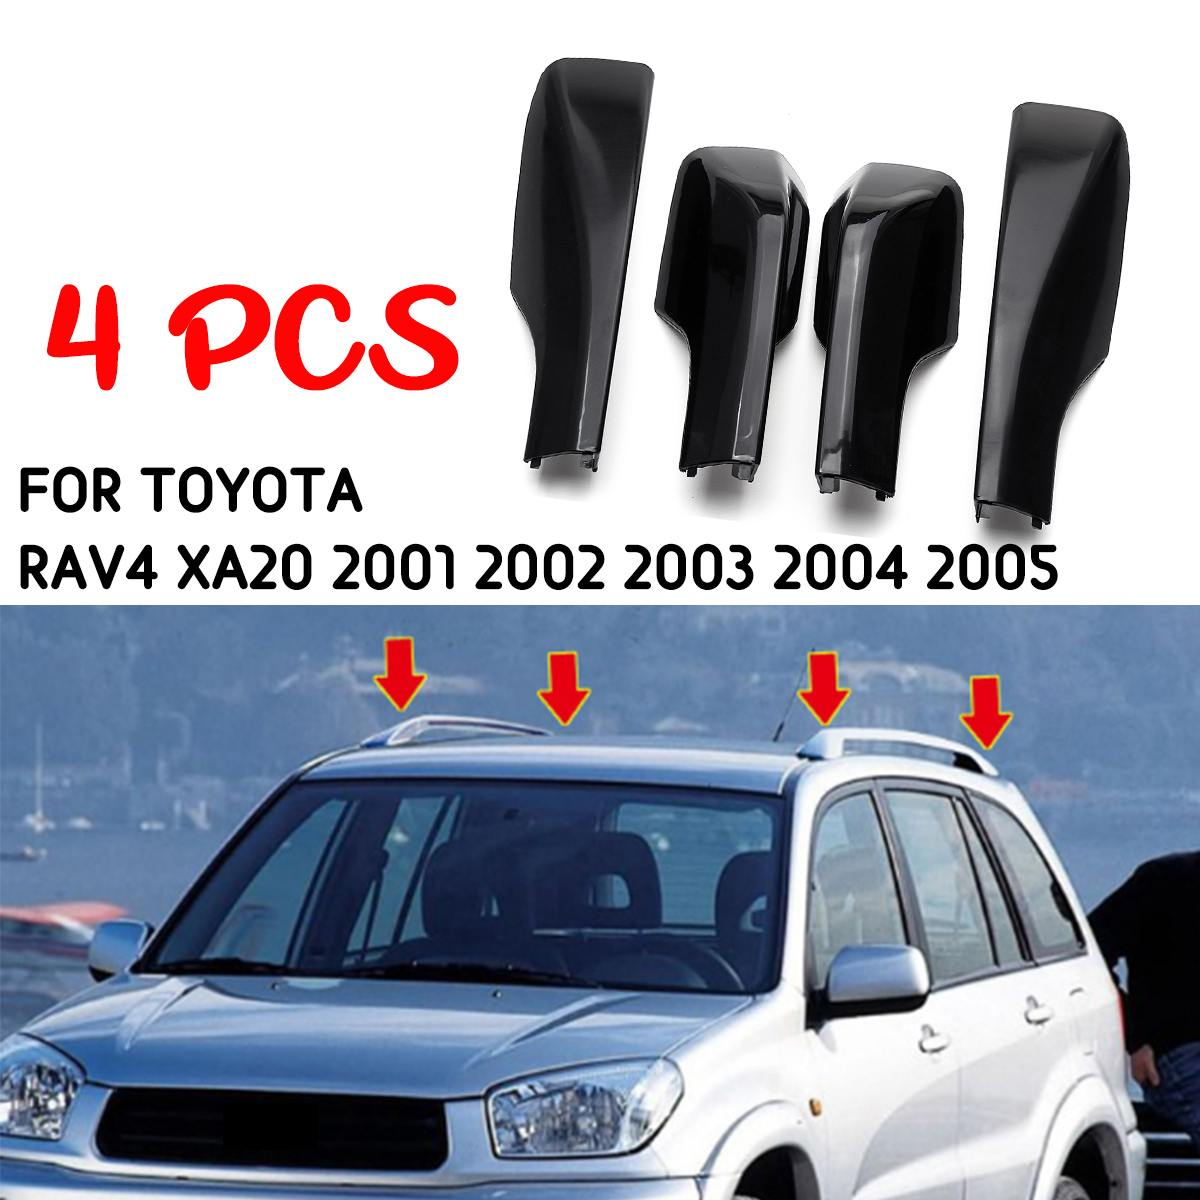 4 sztuk wymienne dla Toyota RAV4 XA20 2001 2002 2003 2004 2005 czarny stylizacja samochodu dach stojak pokrywa Bar Rail koniec akcesoria pokrywy